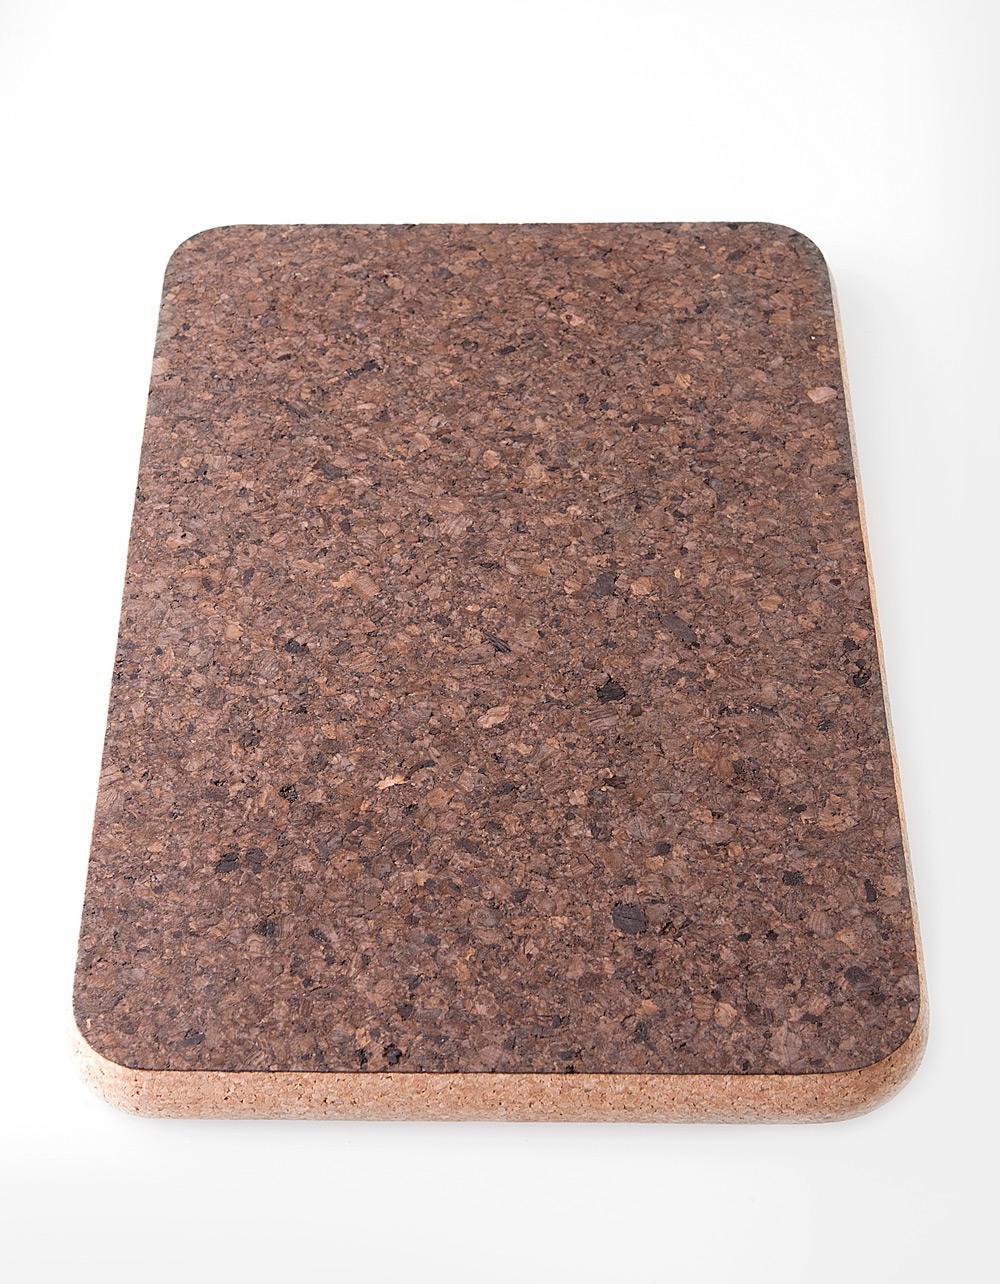 The Essential Ingredient Rectangular Cork Mat 'Burnt' 20cm x 30cm x 2cm